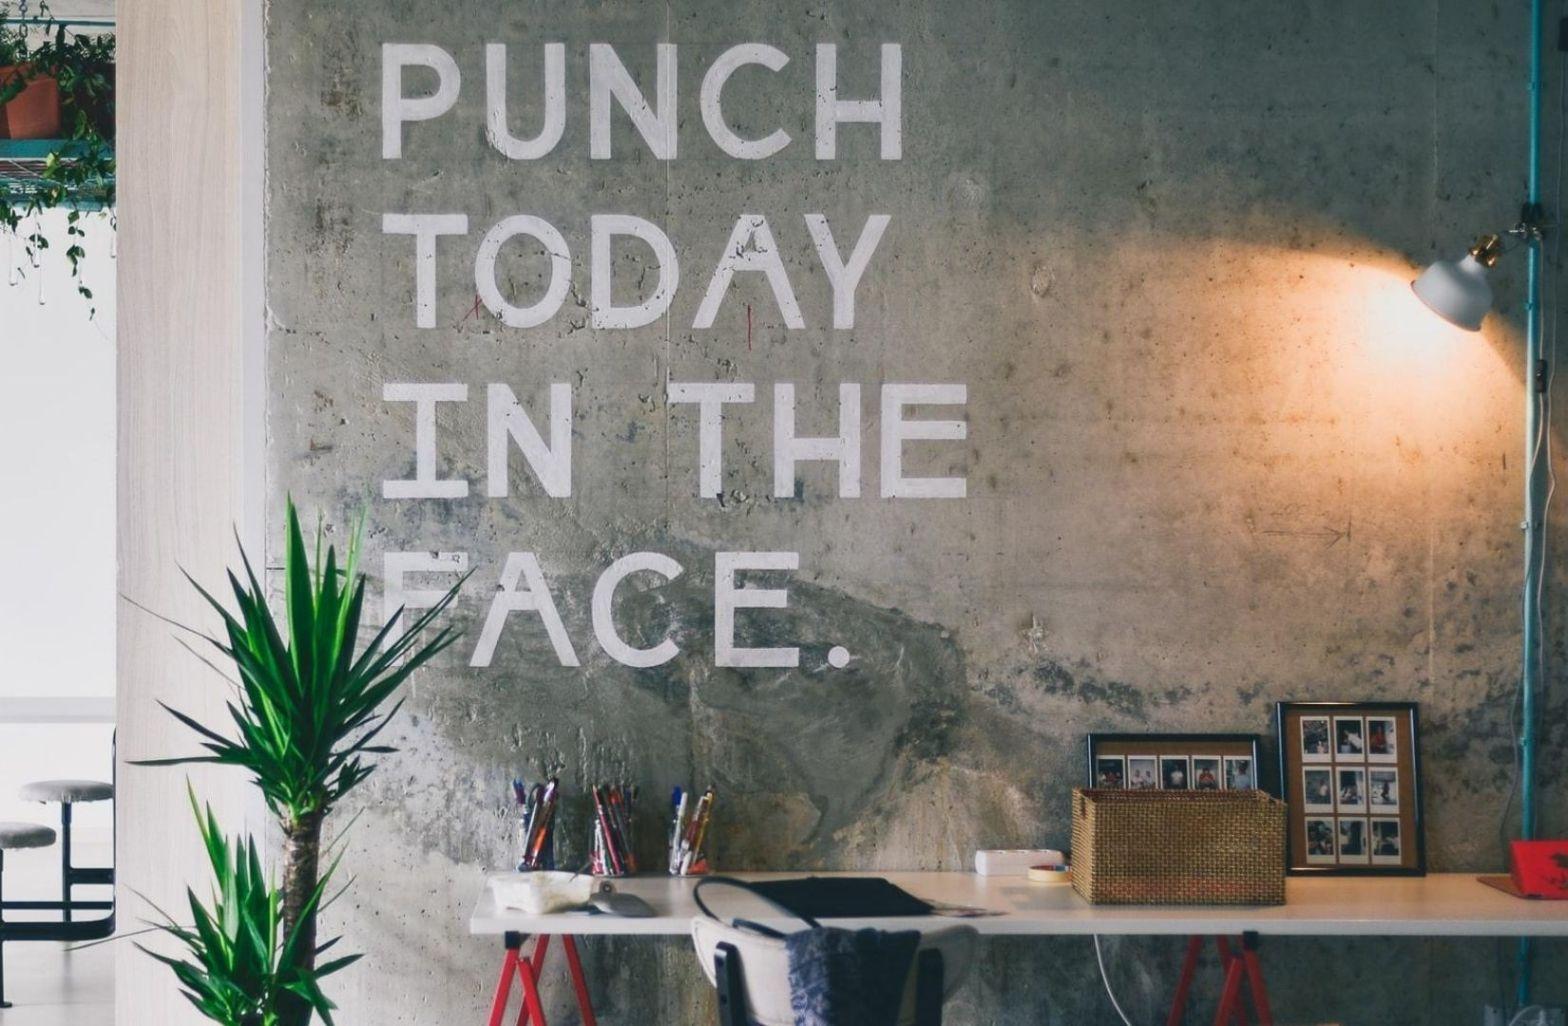 Aggression begegnet uns in verbaler und emotionaler an den unterschiedlichsten Orten. (Foto: Johnson Wang, Unsplash.com)